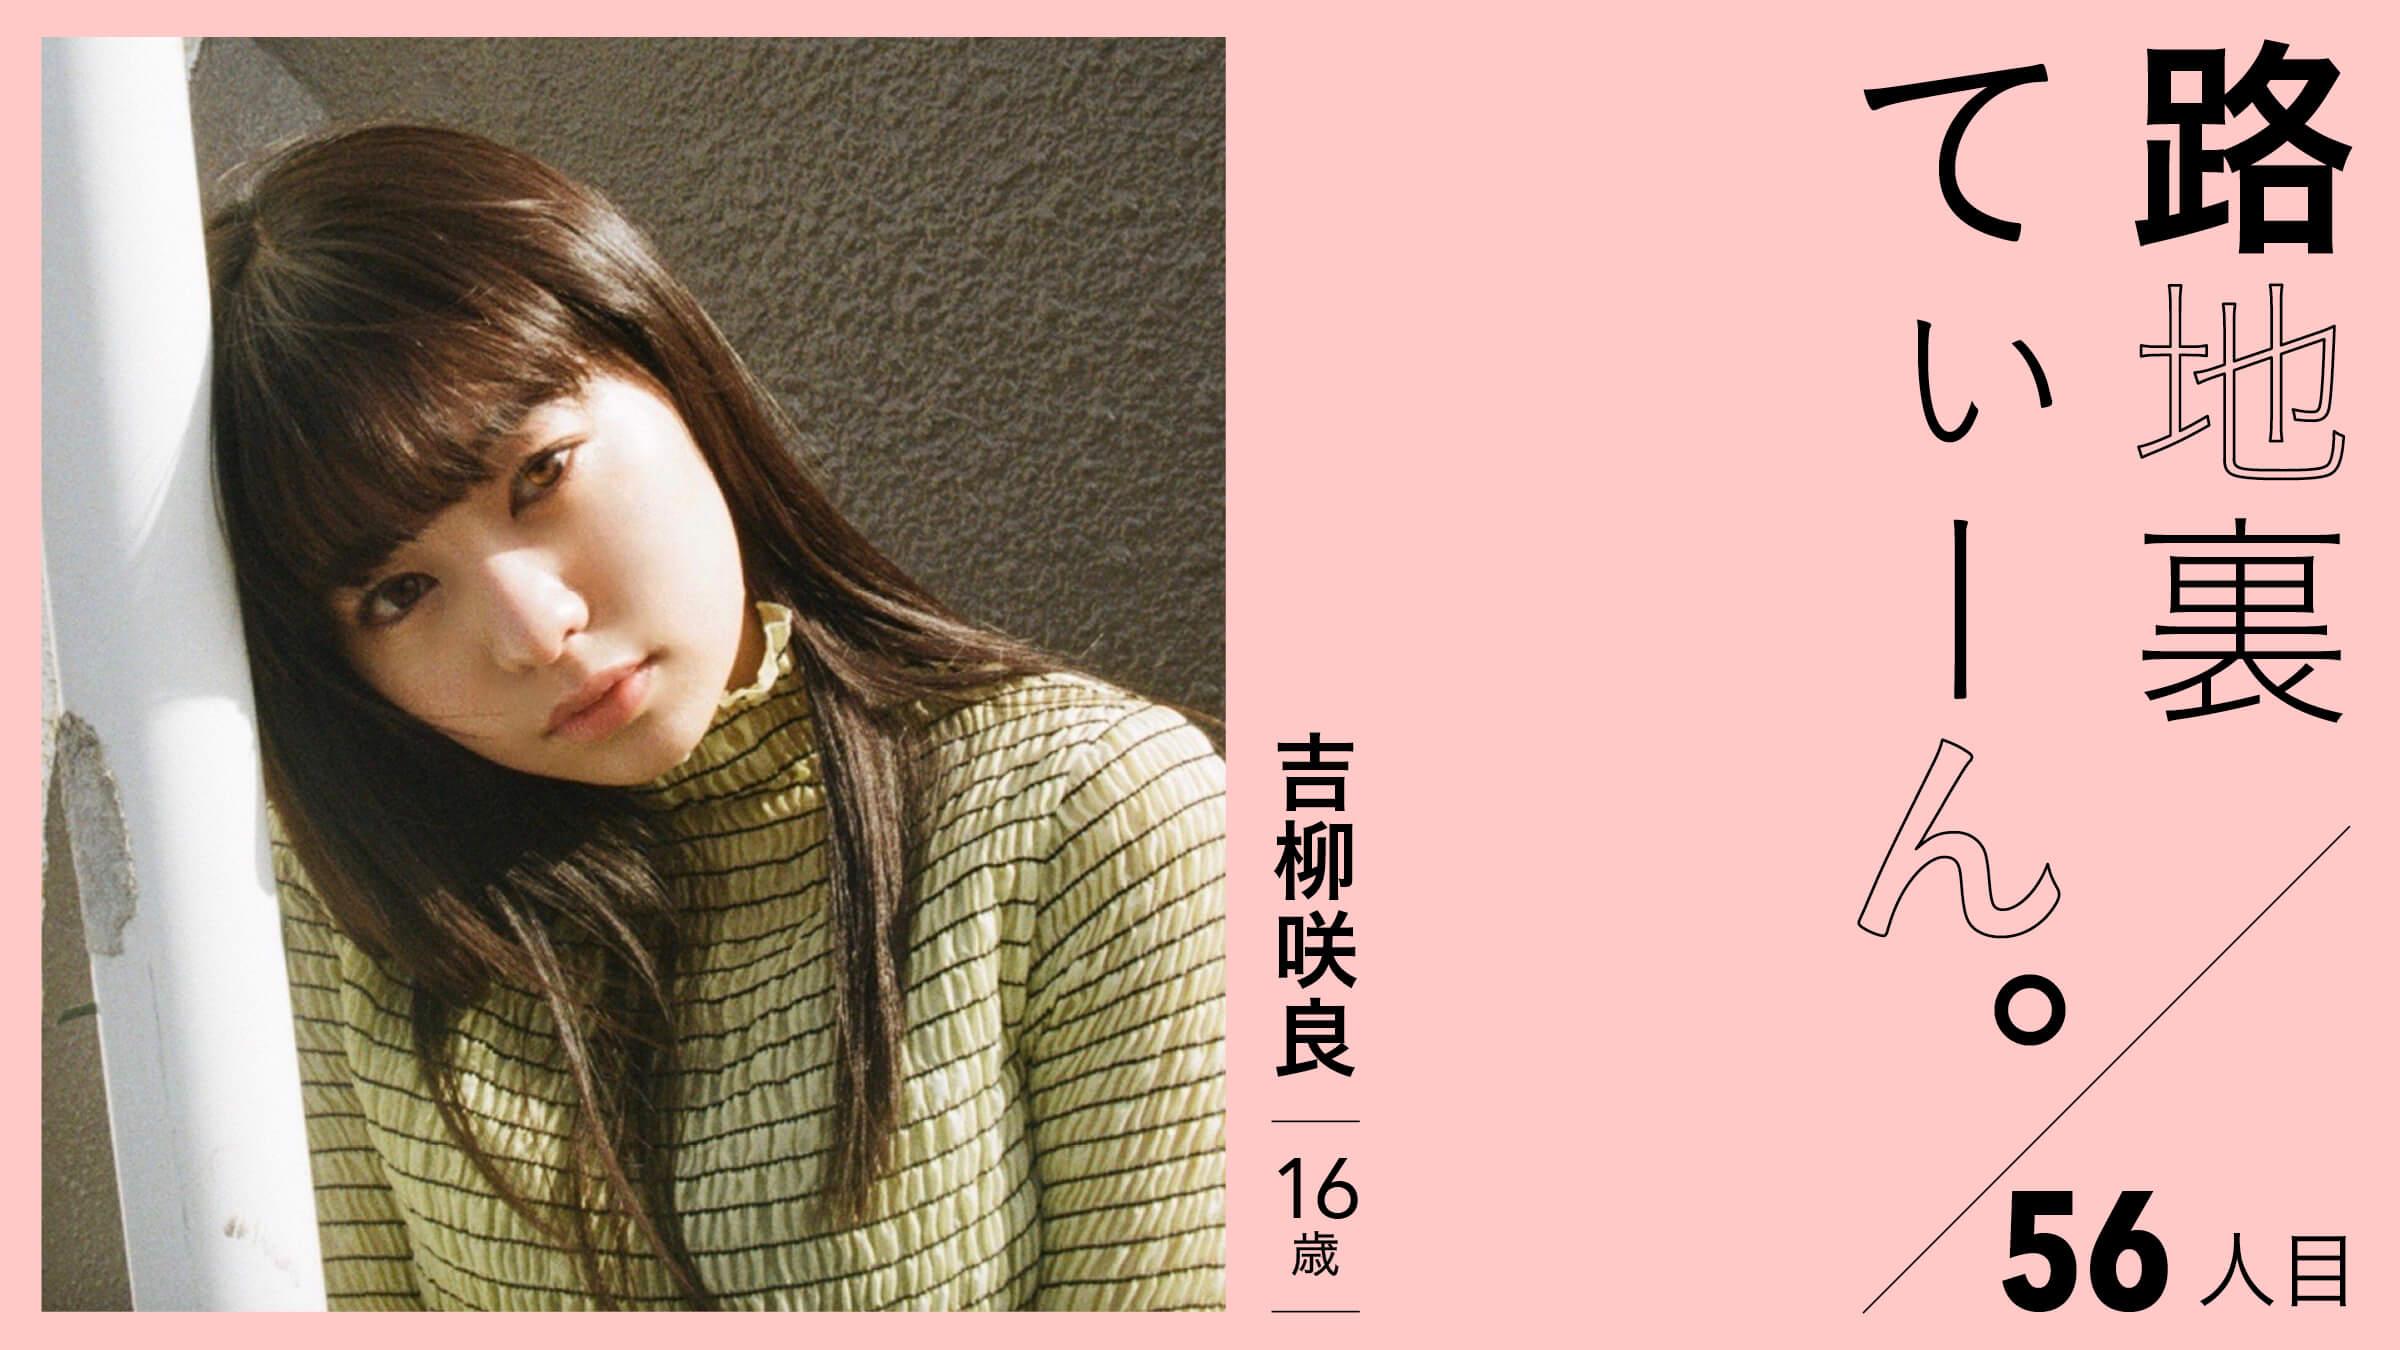 路地裏てぃーん。56人目 吉柳 咲良 16歳